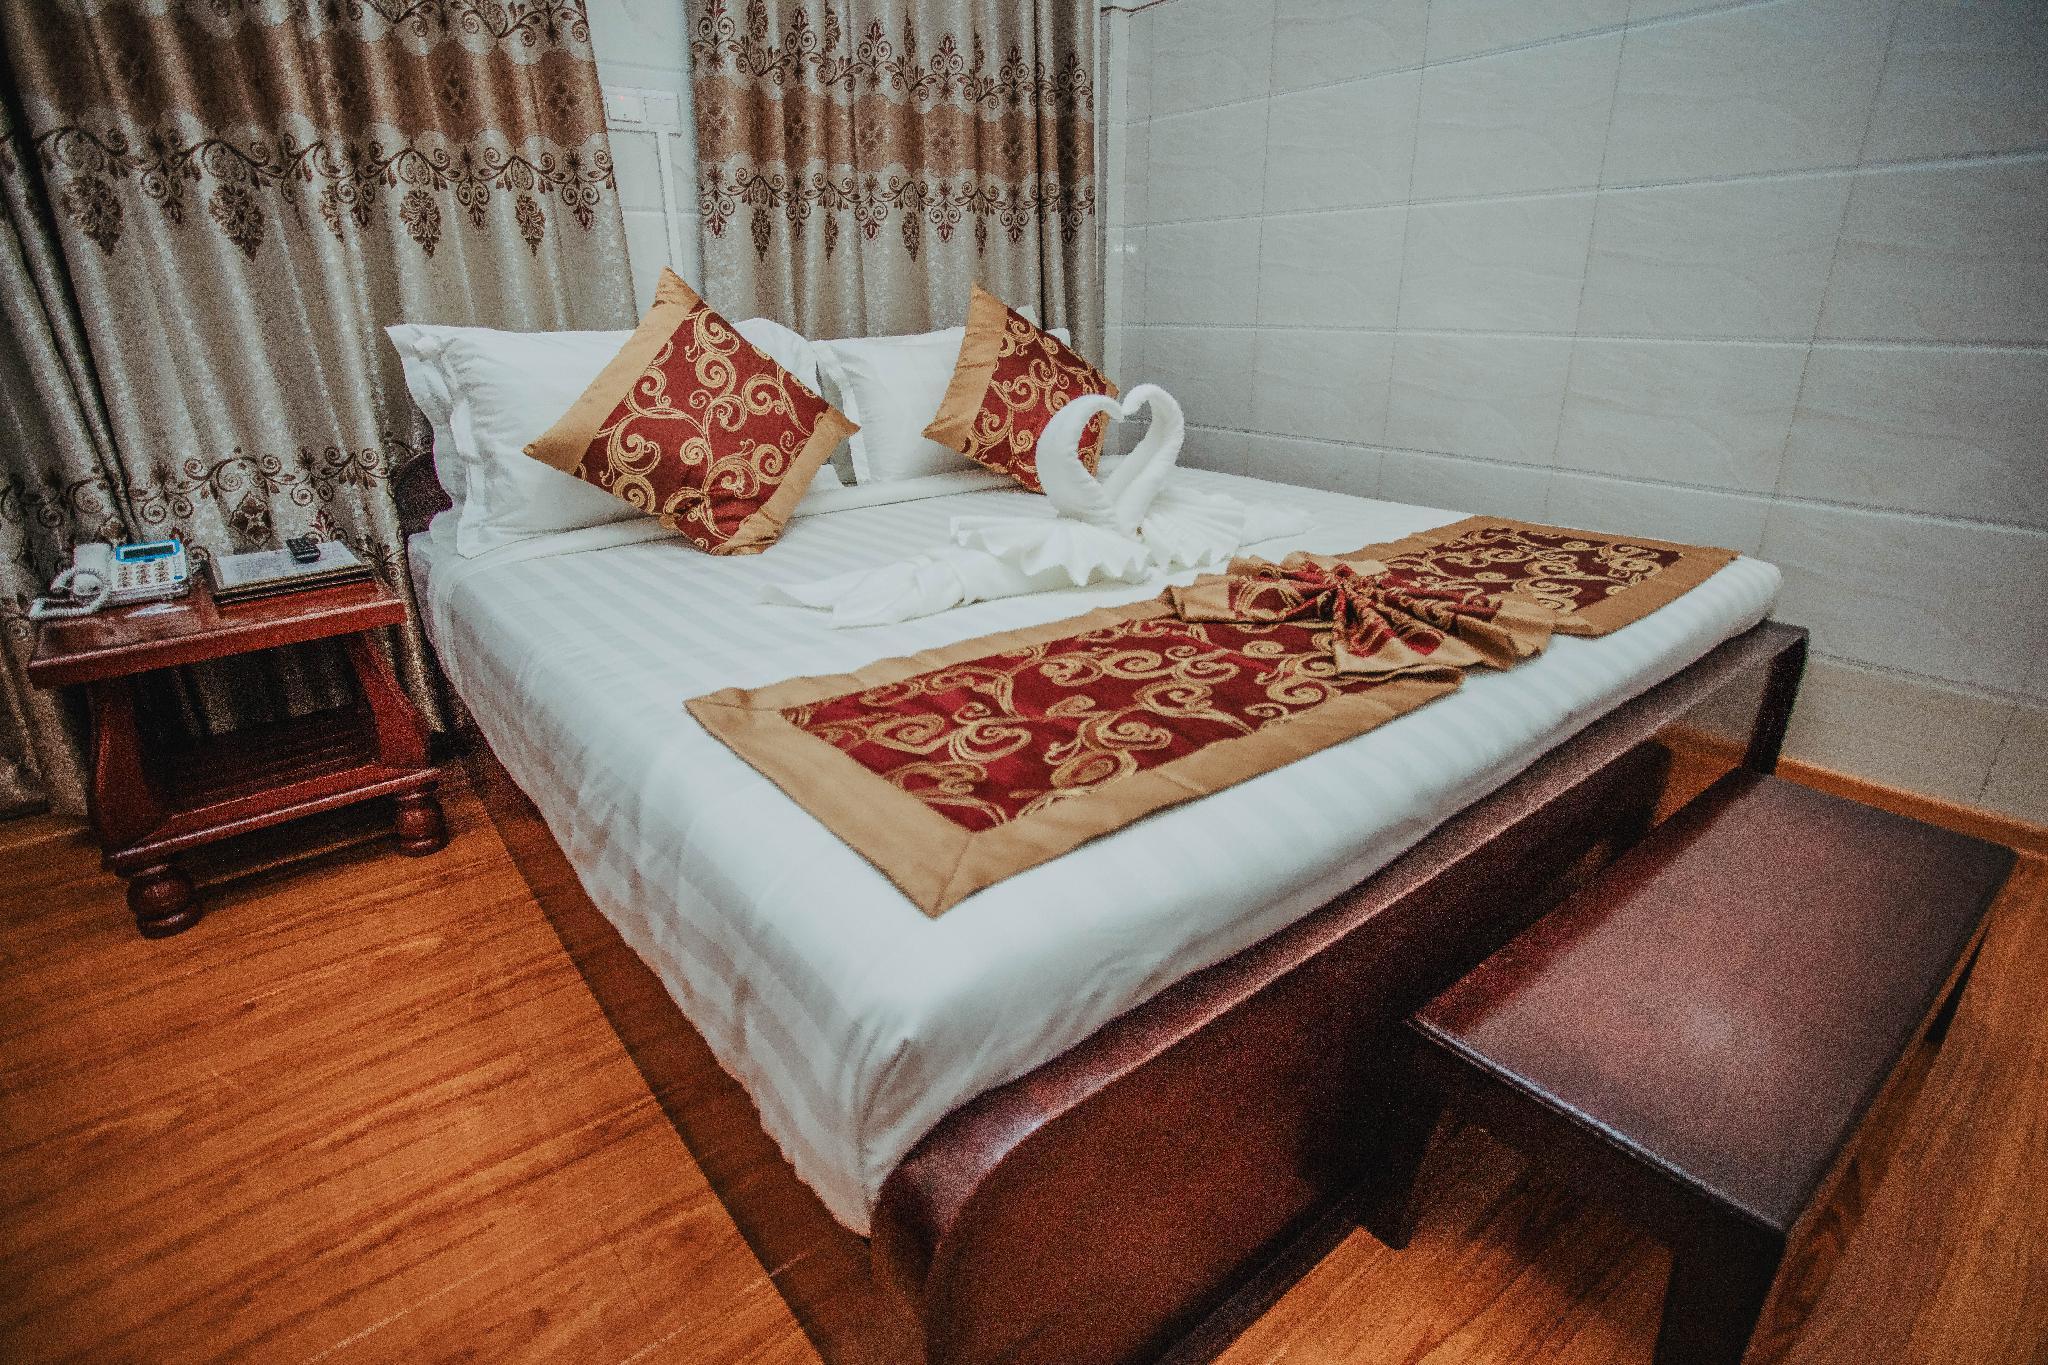 AMBER PALACE HOTEL, Myitkyina